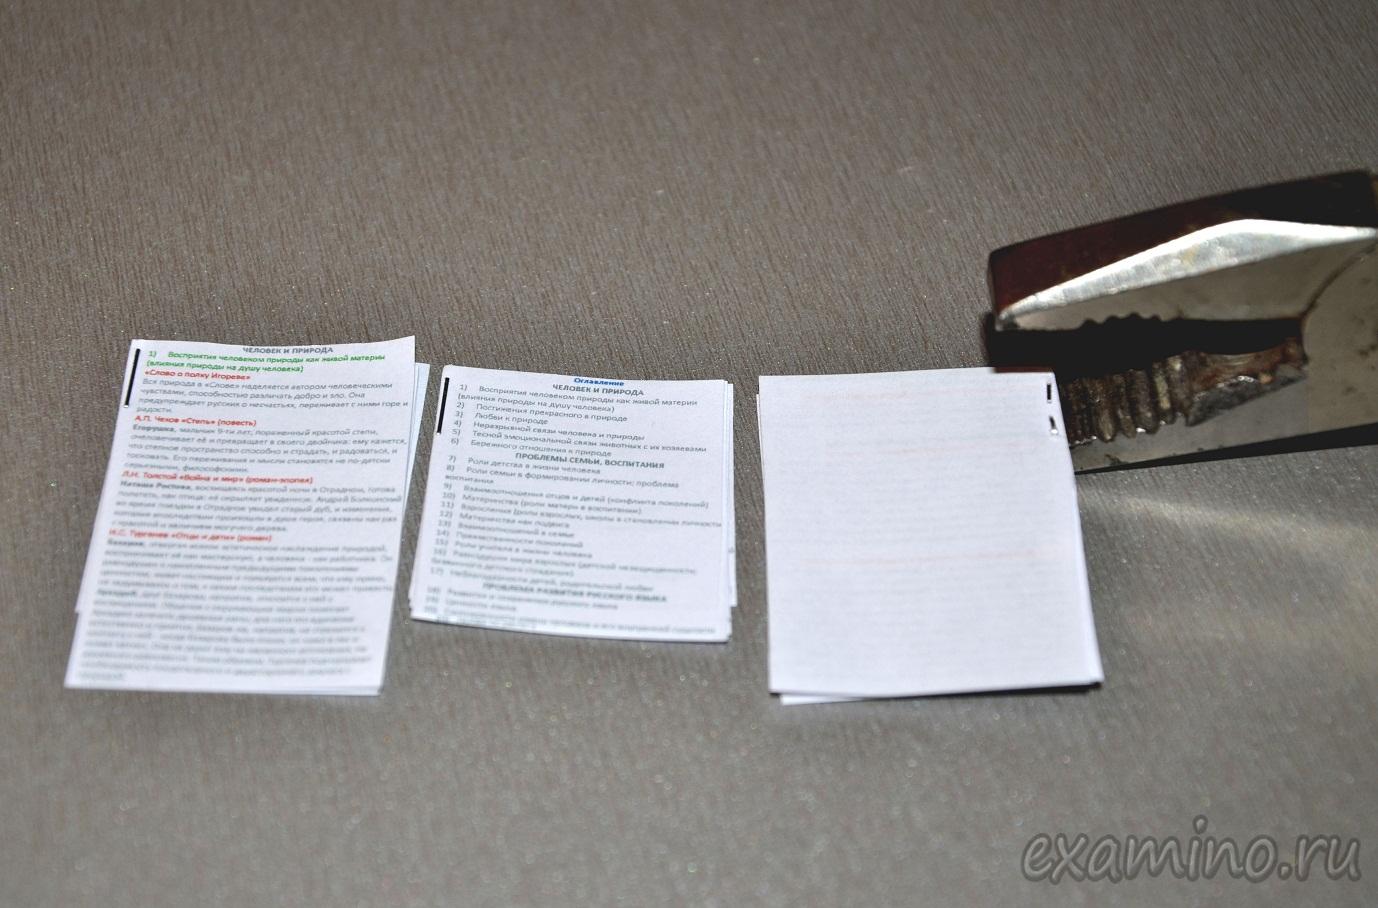 Как сделать шпаргалки на экзамен с билетами